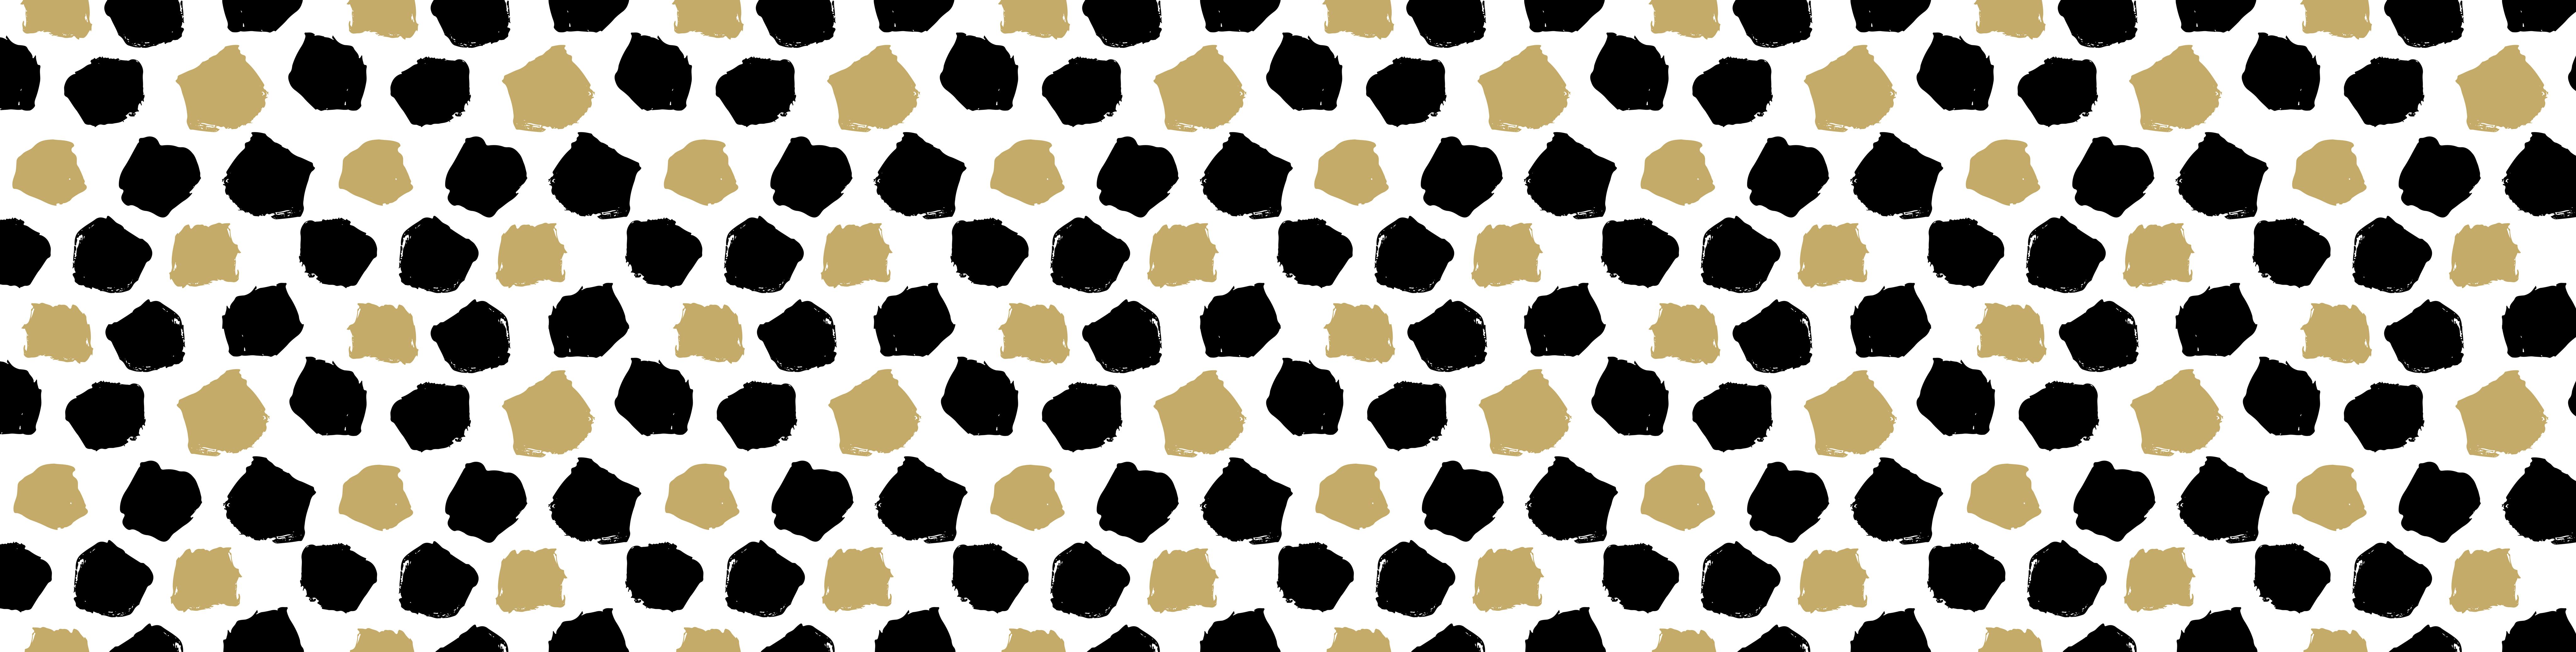 pattern-19-banner